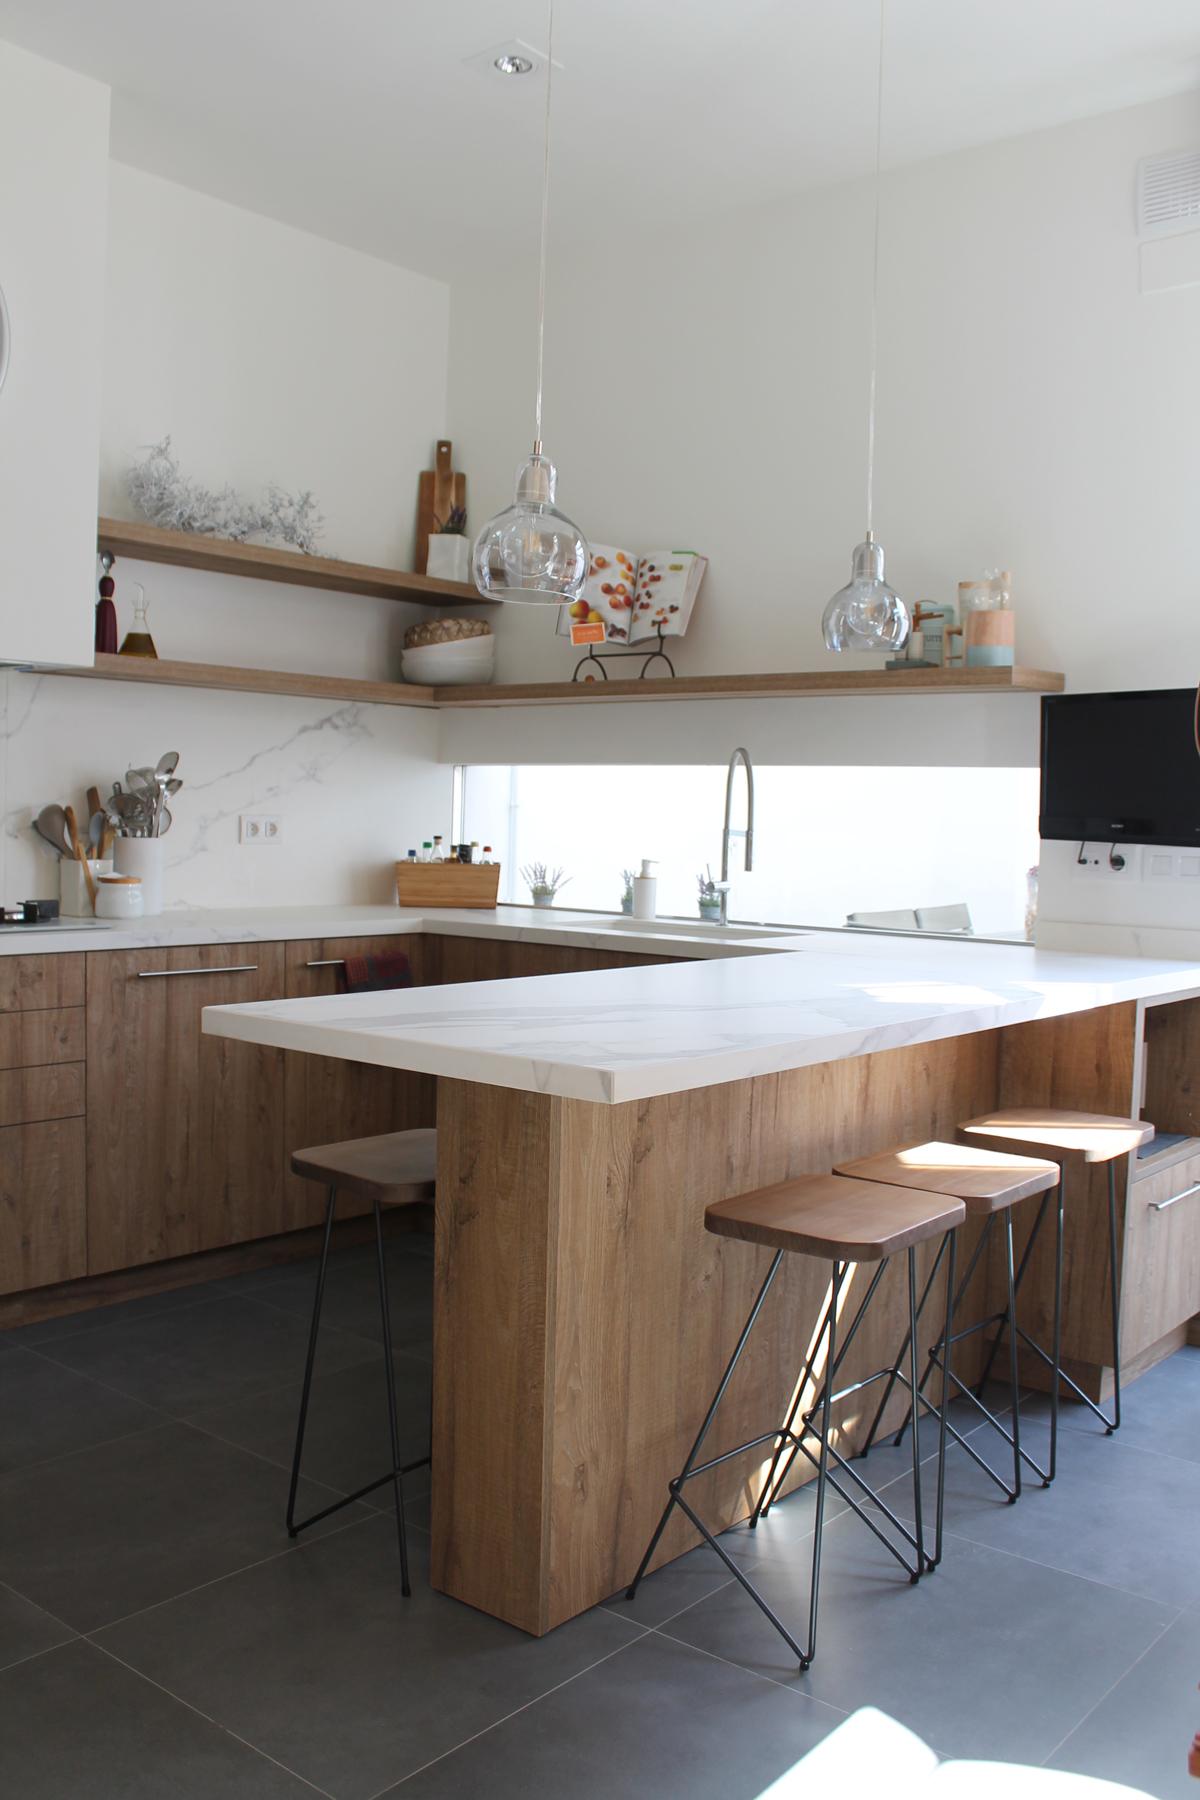 Pintar encimera de marmol cocina simple pintar campana de for Pintar encimera granito